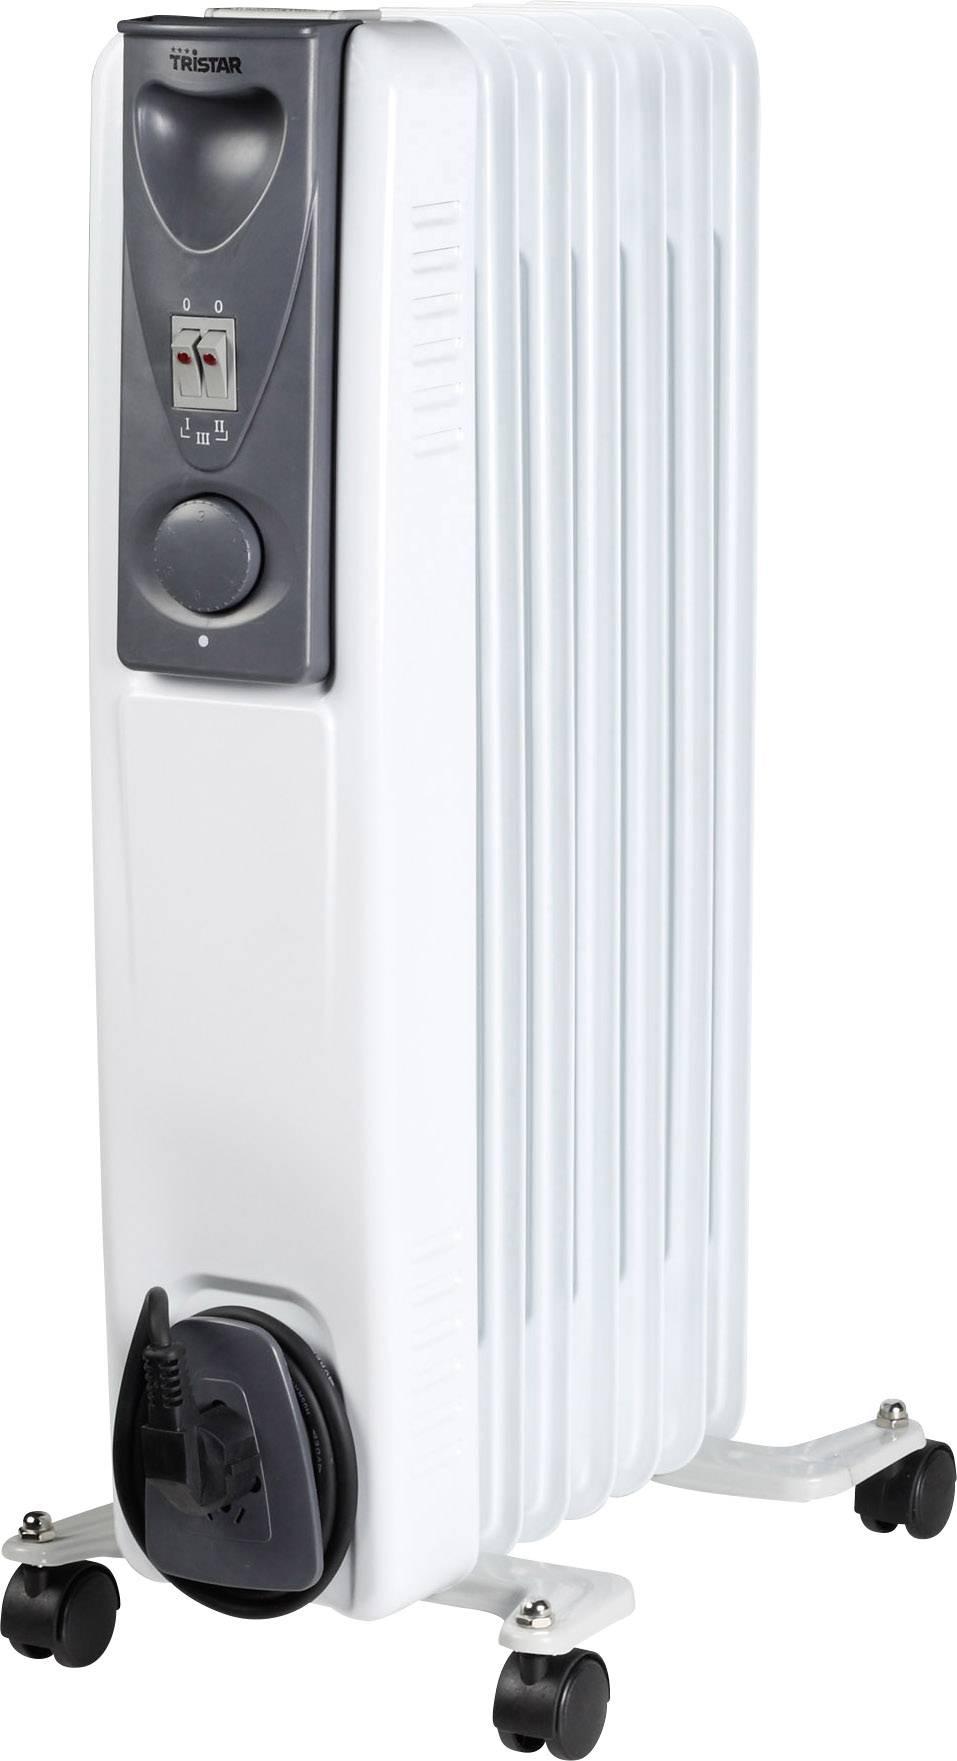 Olejový radiátor Tristar KA-5113, 15 m², 600 W, 900 W, 1500 W, biela